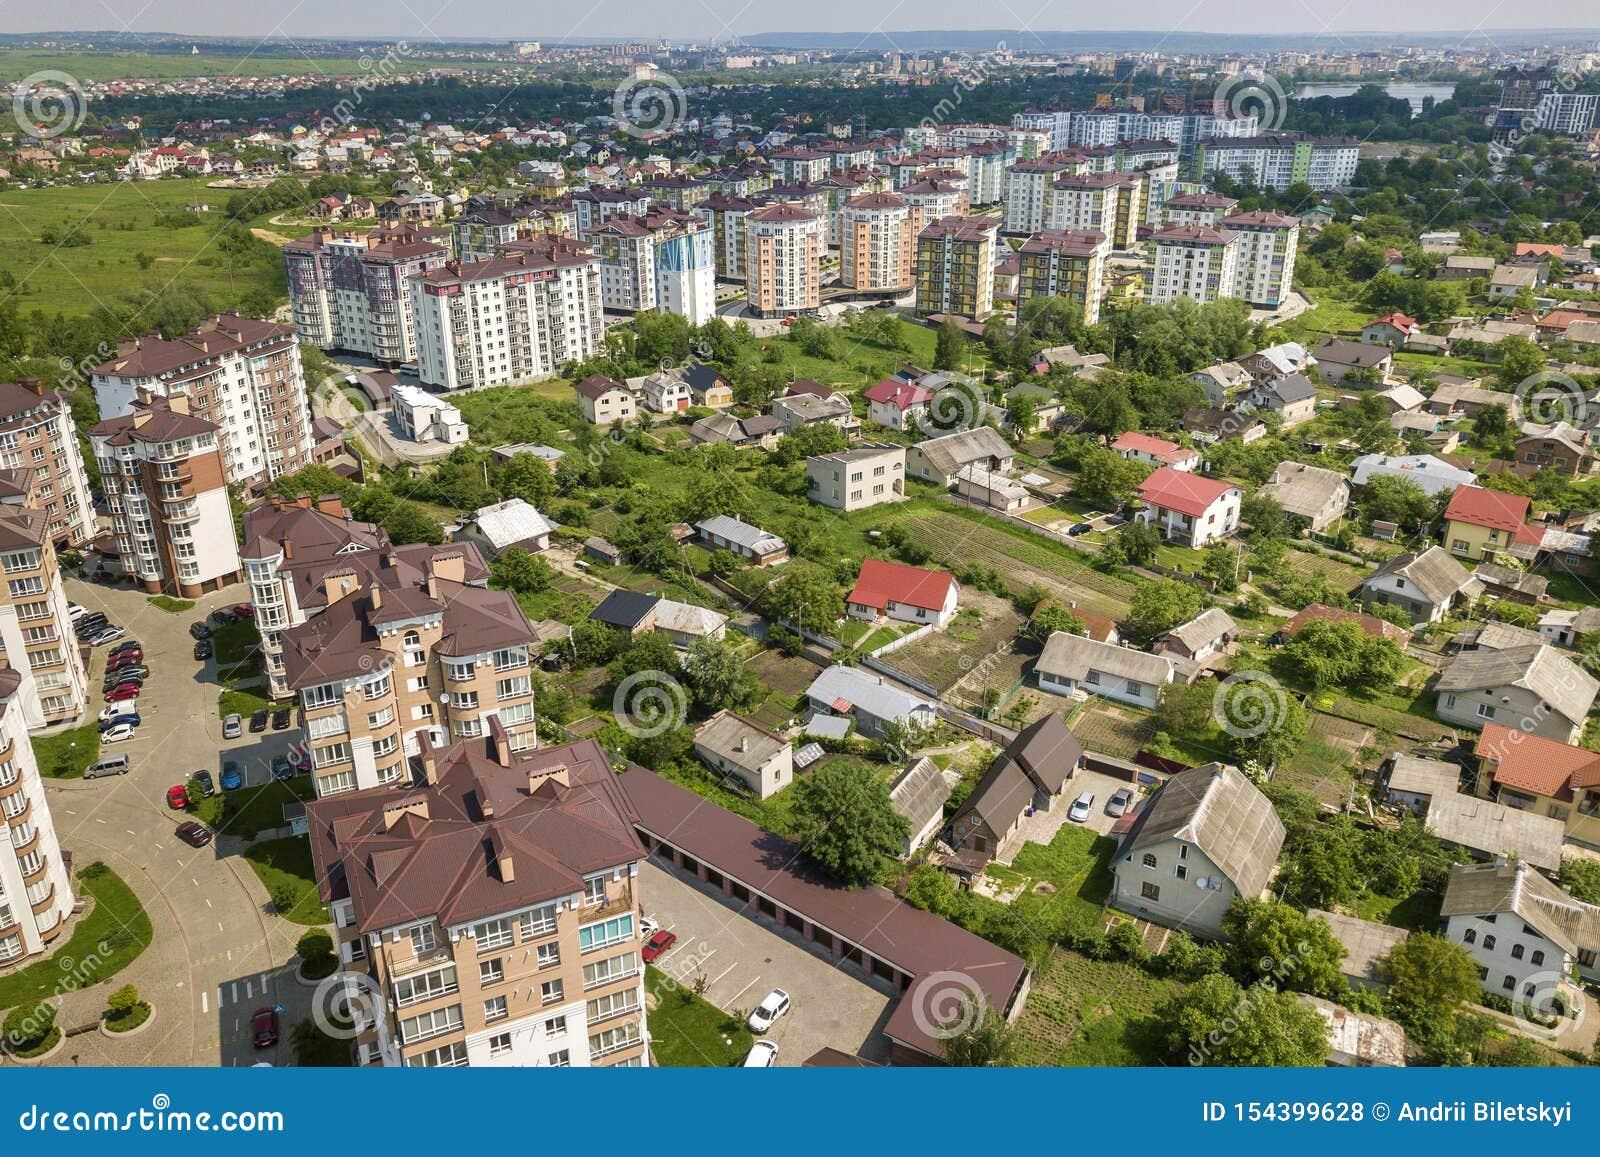 Взгляд сверху высотных зданий квартиры или офиса, припаркованных автомобилей, городского ландшафта города Воздушное фотографирова